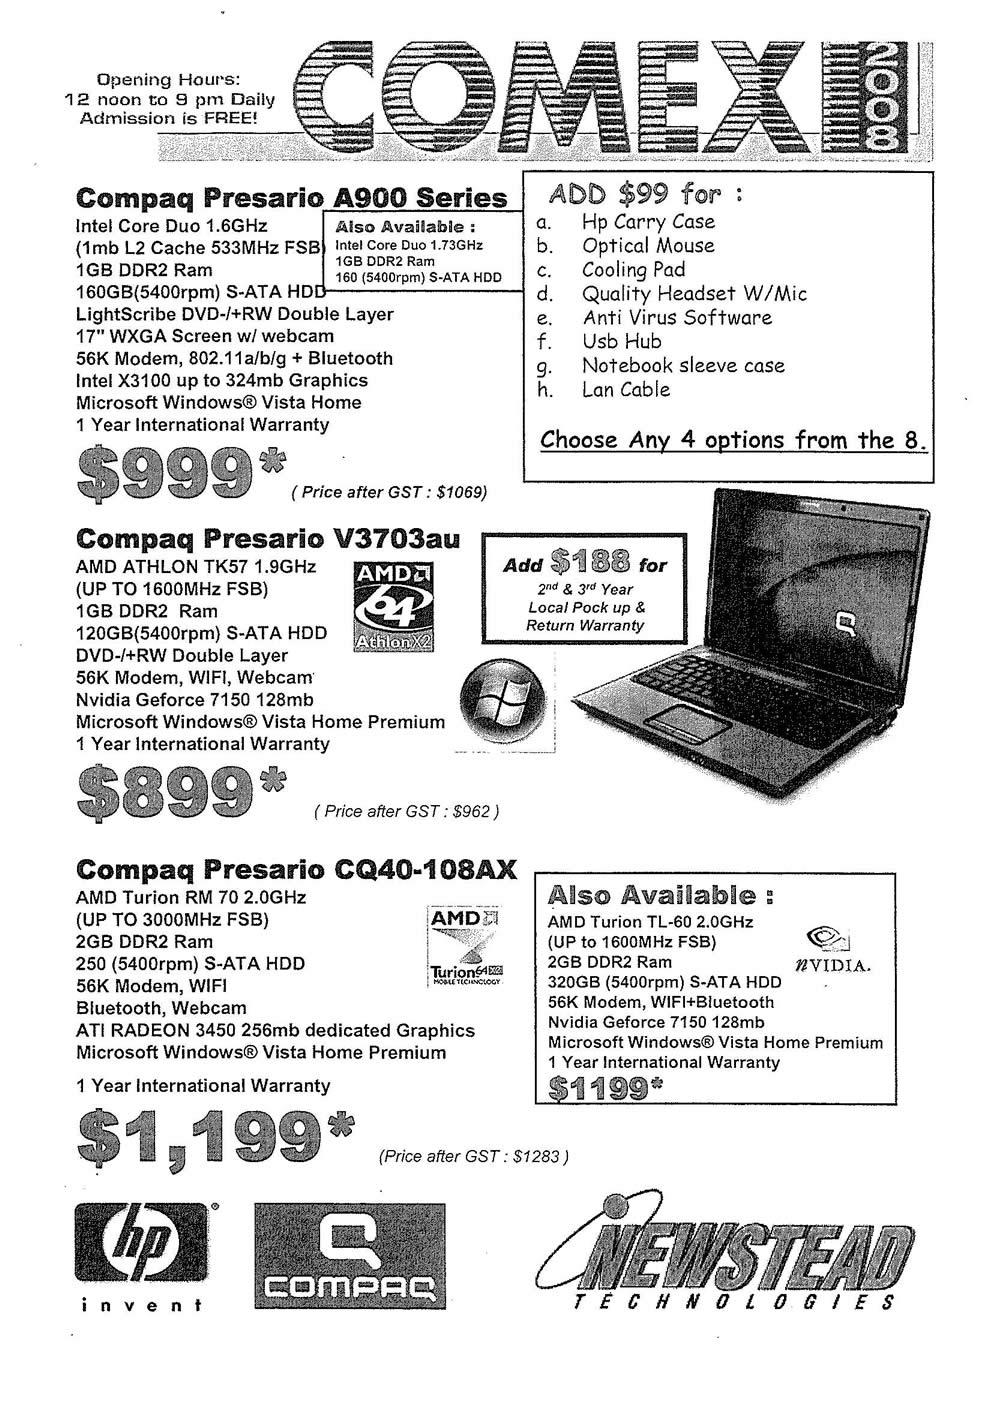 Comex 2008 price list image brochure of Compaq Presario Page 1